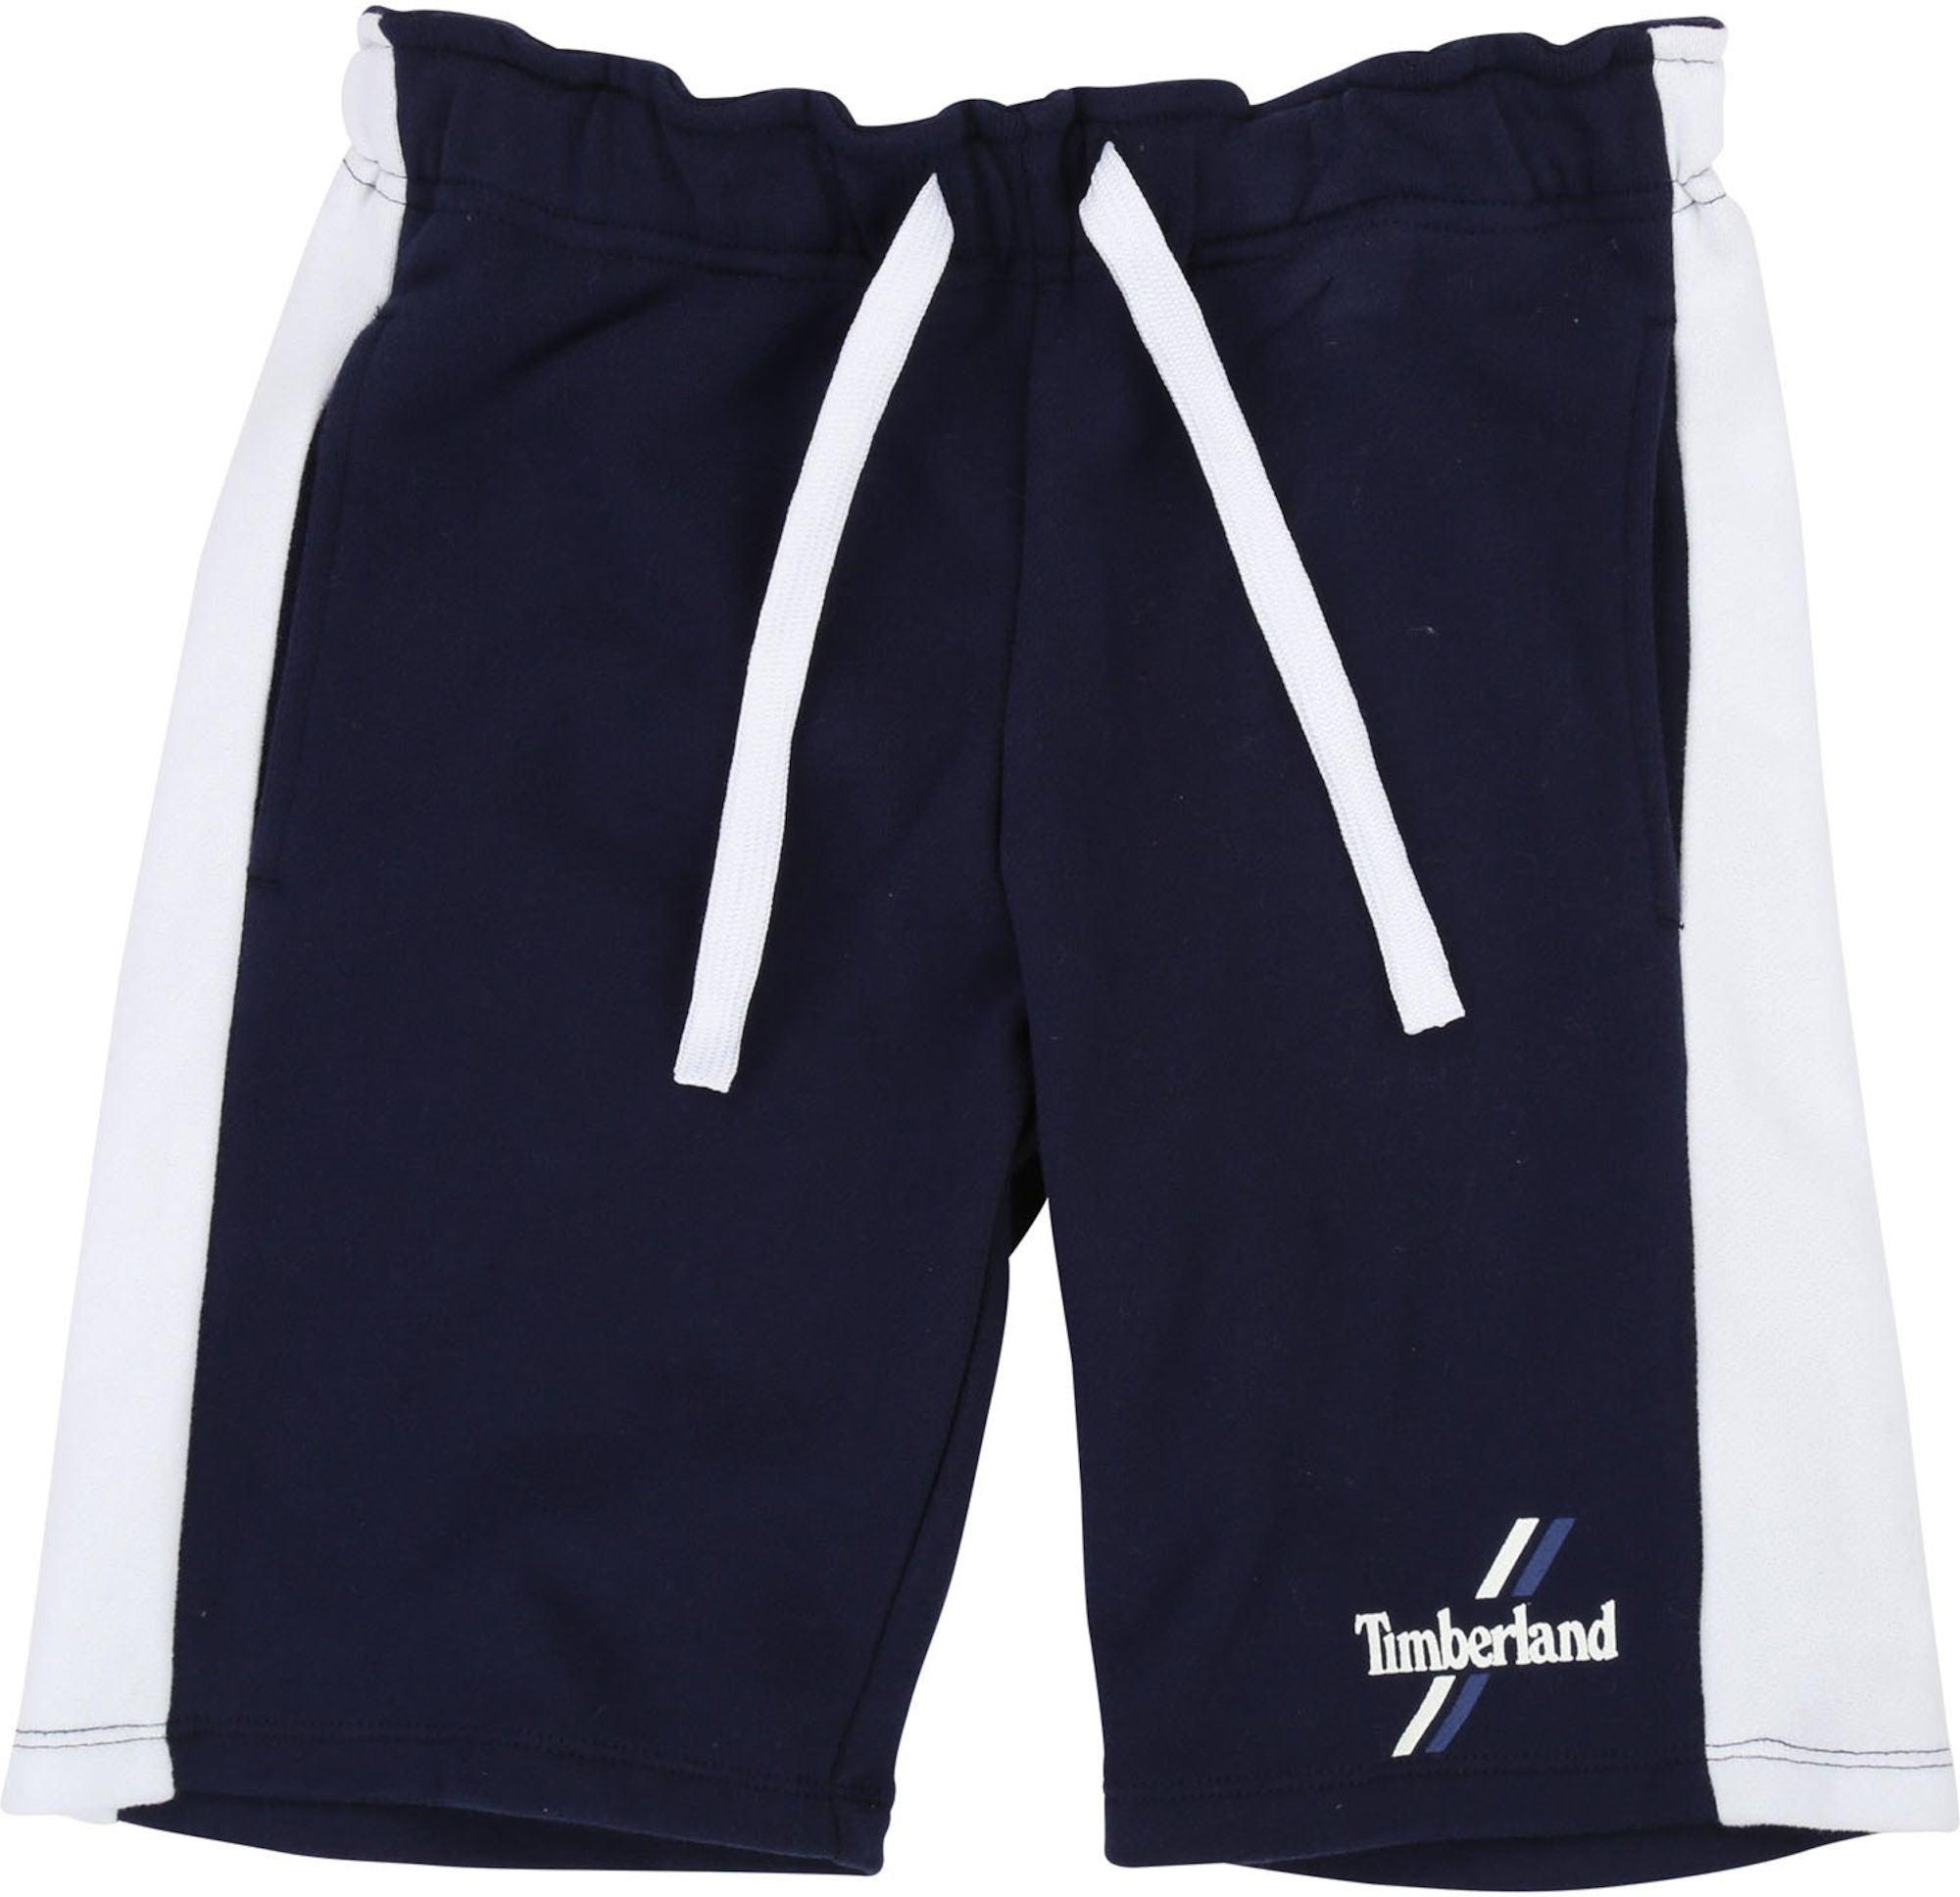 Timberland Bermuda Shorts, Navy 6år